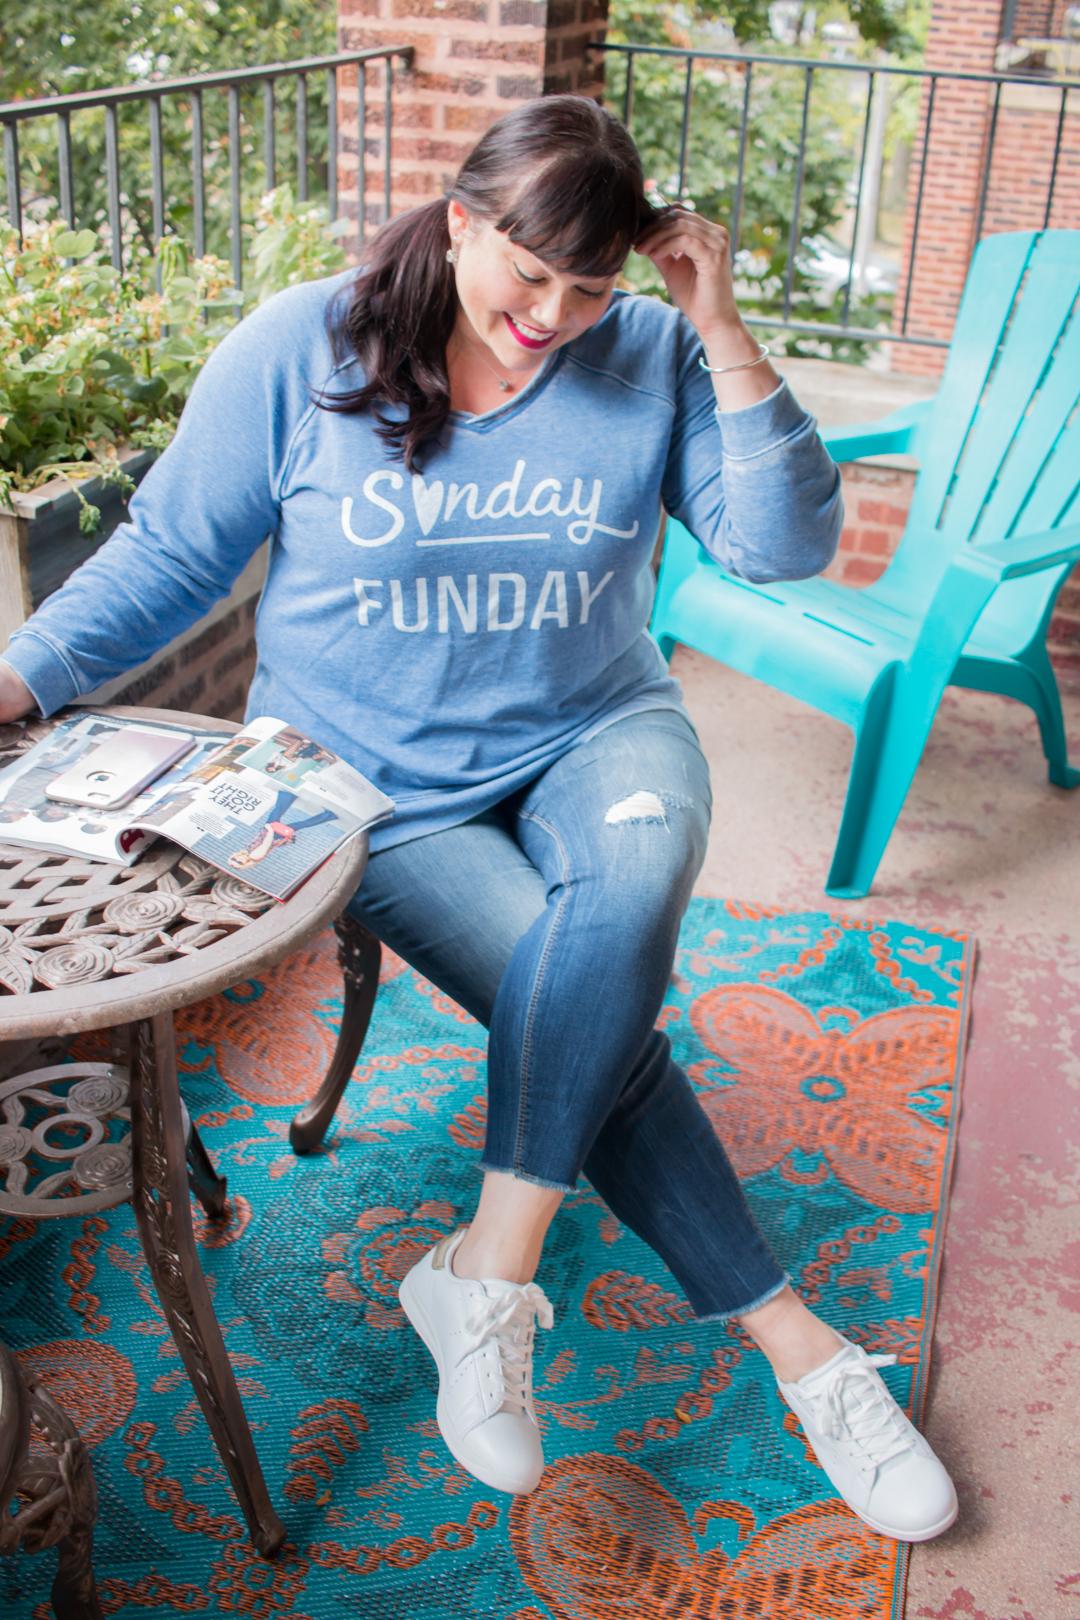 Avenue, Sunday Funday Sweatshirt, Plus Size OOTD, Fall Fashion, Plus Size Casual Style, Plus Size Sweatshirt, Style Plus Curves, Chicago Blogger, Chicago Plus Size Blogger, Plus Size Blogger, Amber McCulloch